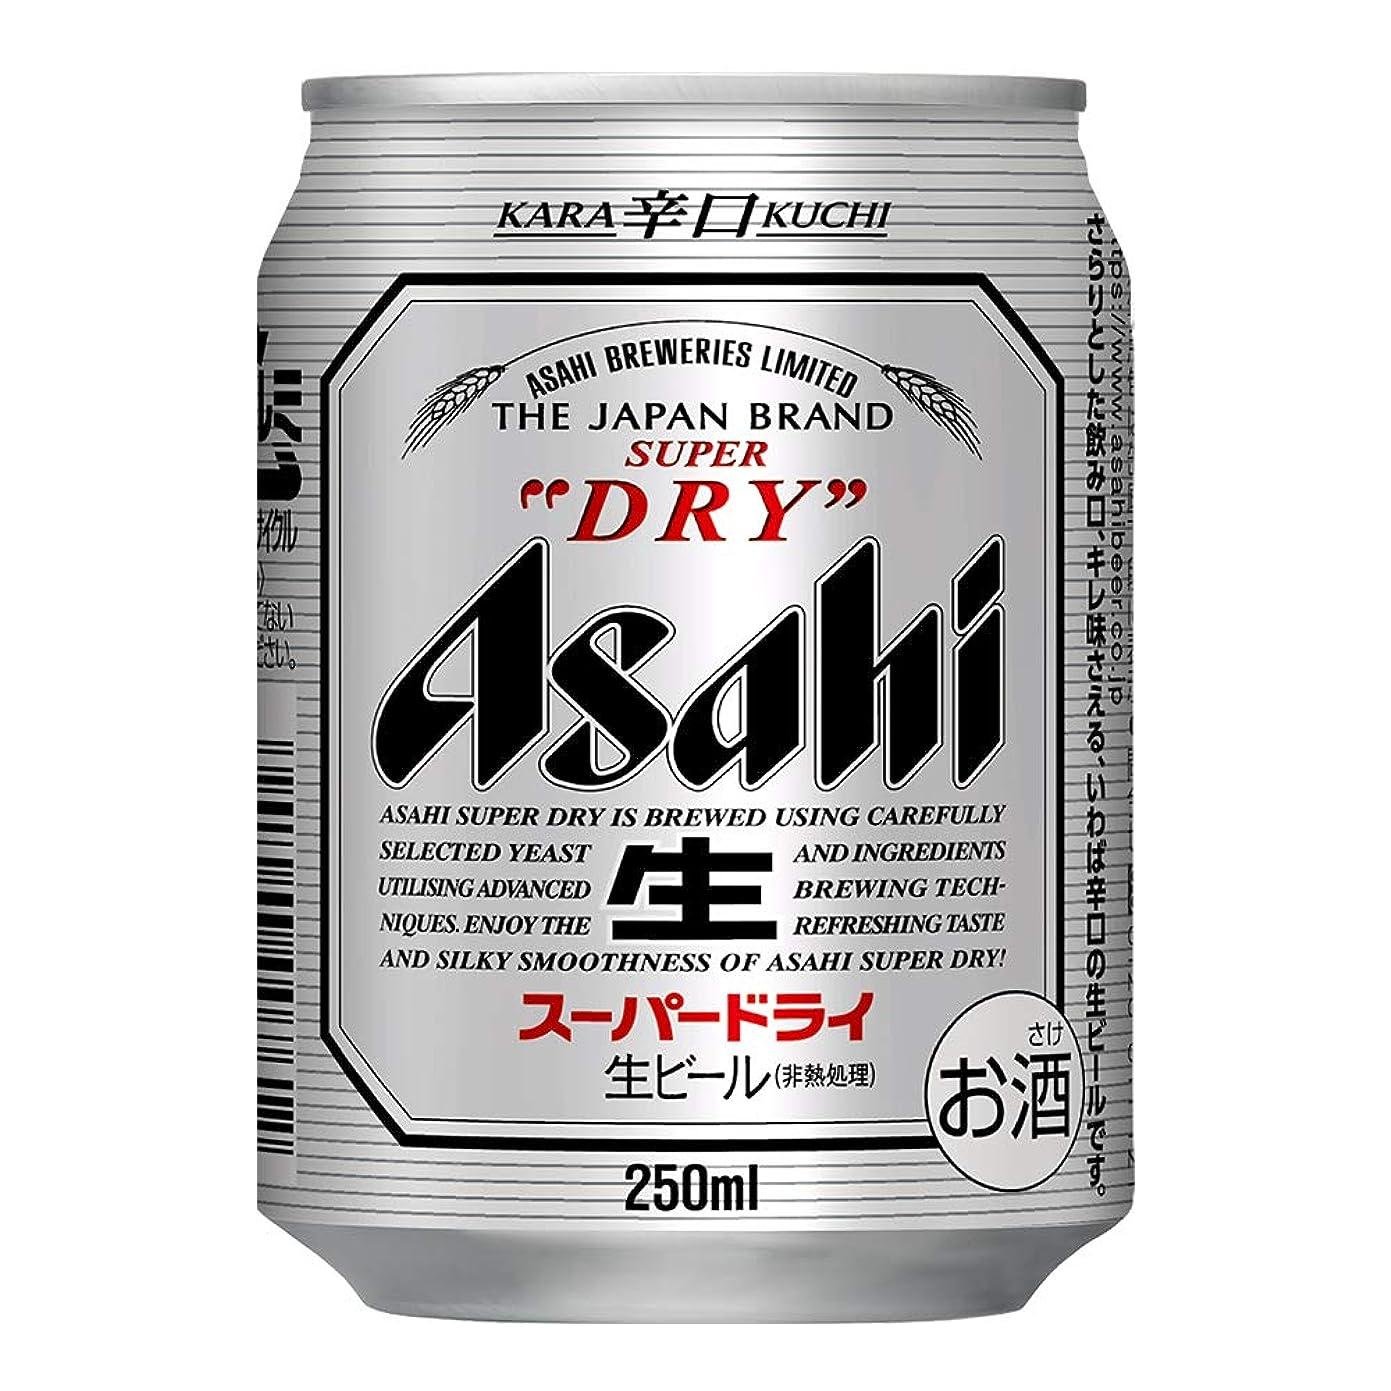 対人上昇アパルアサヒ スーパードライ [ 250ml×24本 ]